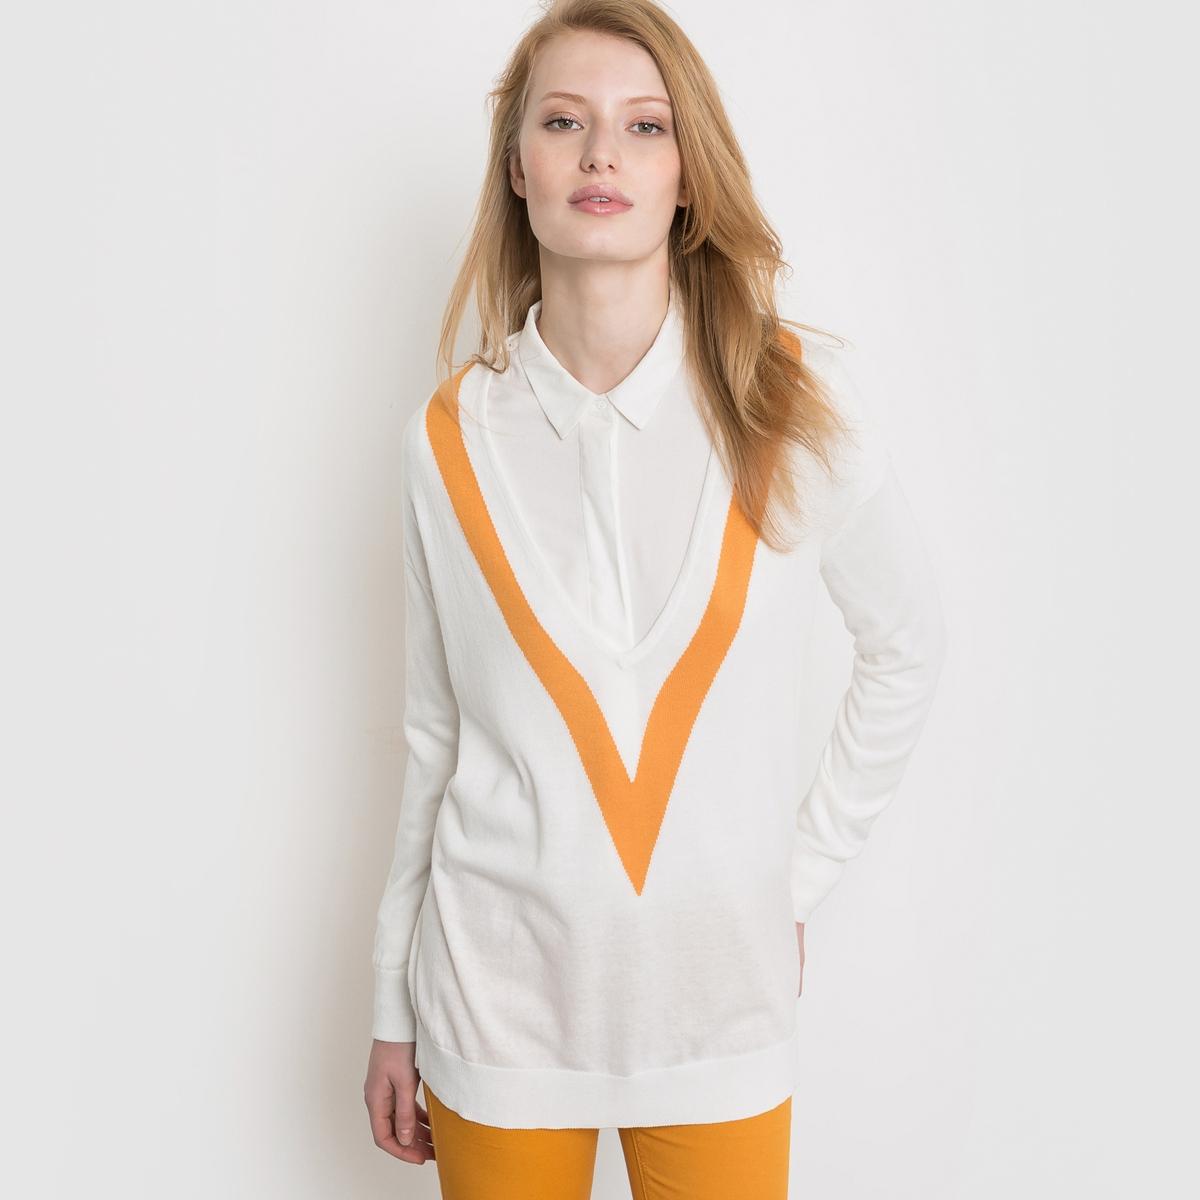 Пуловер в теннисном стиле c V-образным вырезомПуловер в теннисном стиле. Пуловер в теннисном стиле, из трикотажа тонкой вязки, широкого и длинного покроя. Длинные рукава, глубокий V-образный вырез, подчеркнутый широкой контрастной полосой. Края рукавов и низа связаны в рубчик. Состав и описаниеМатериал : 50% акрила, 50% хлопкадлина : 70 смУход Машинная стирка при 30 °С<br><br>Цвет: слоновая кость<br>Размер: 34/36 (FR) - 40/42 (RUS).46/48 (FR) - 52/54 (RUS)